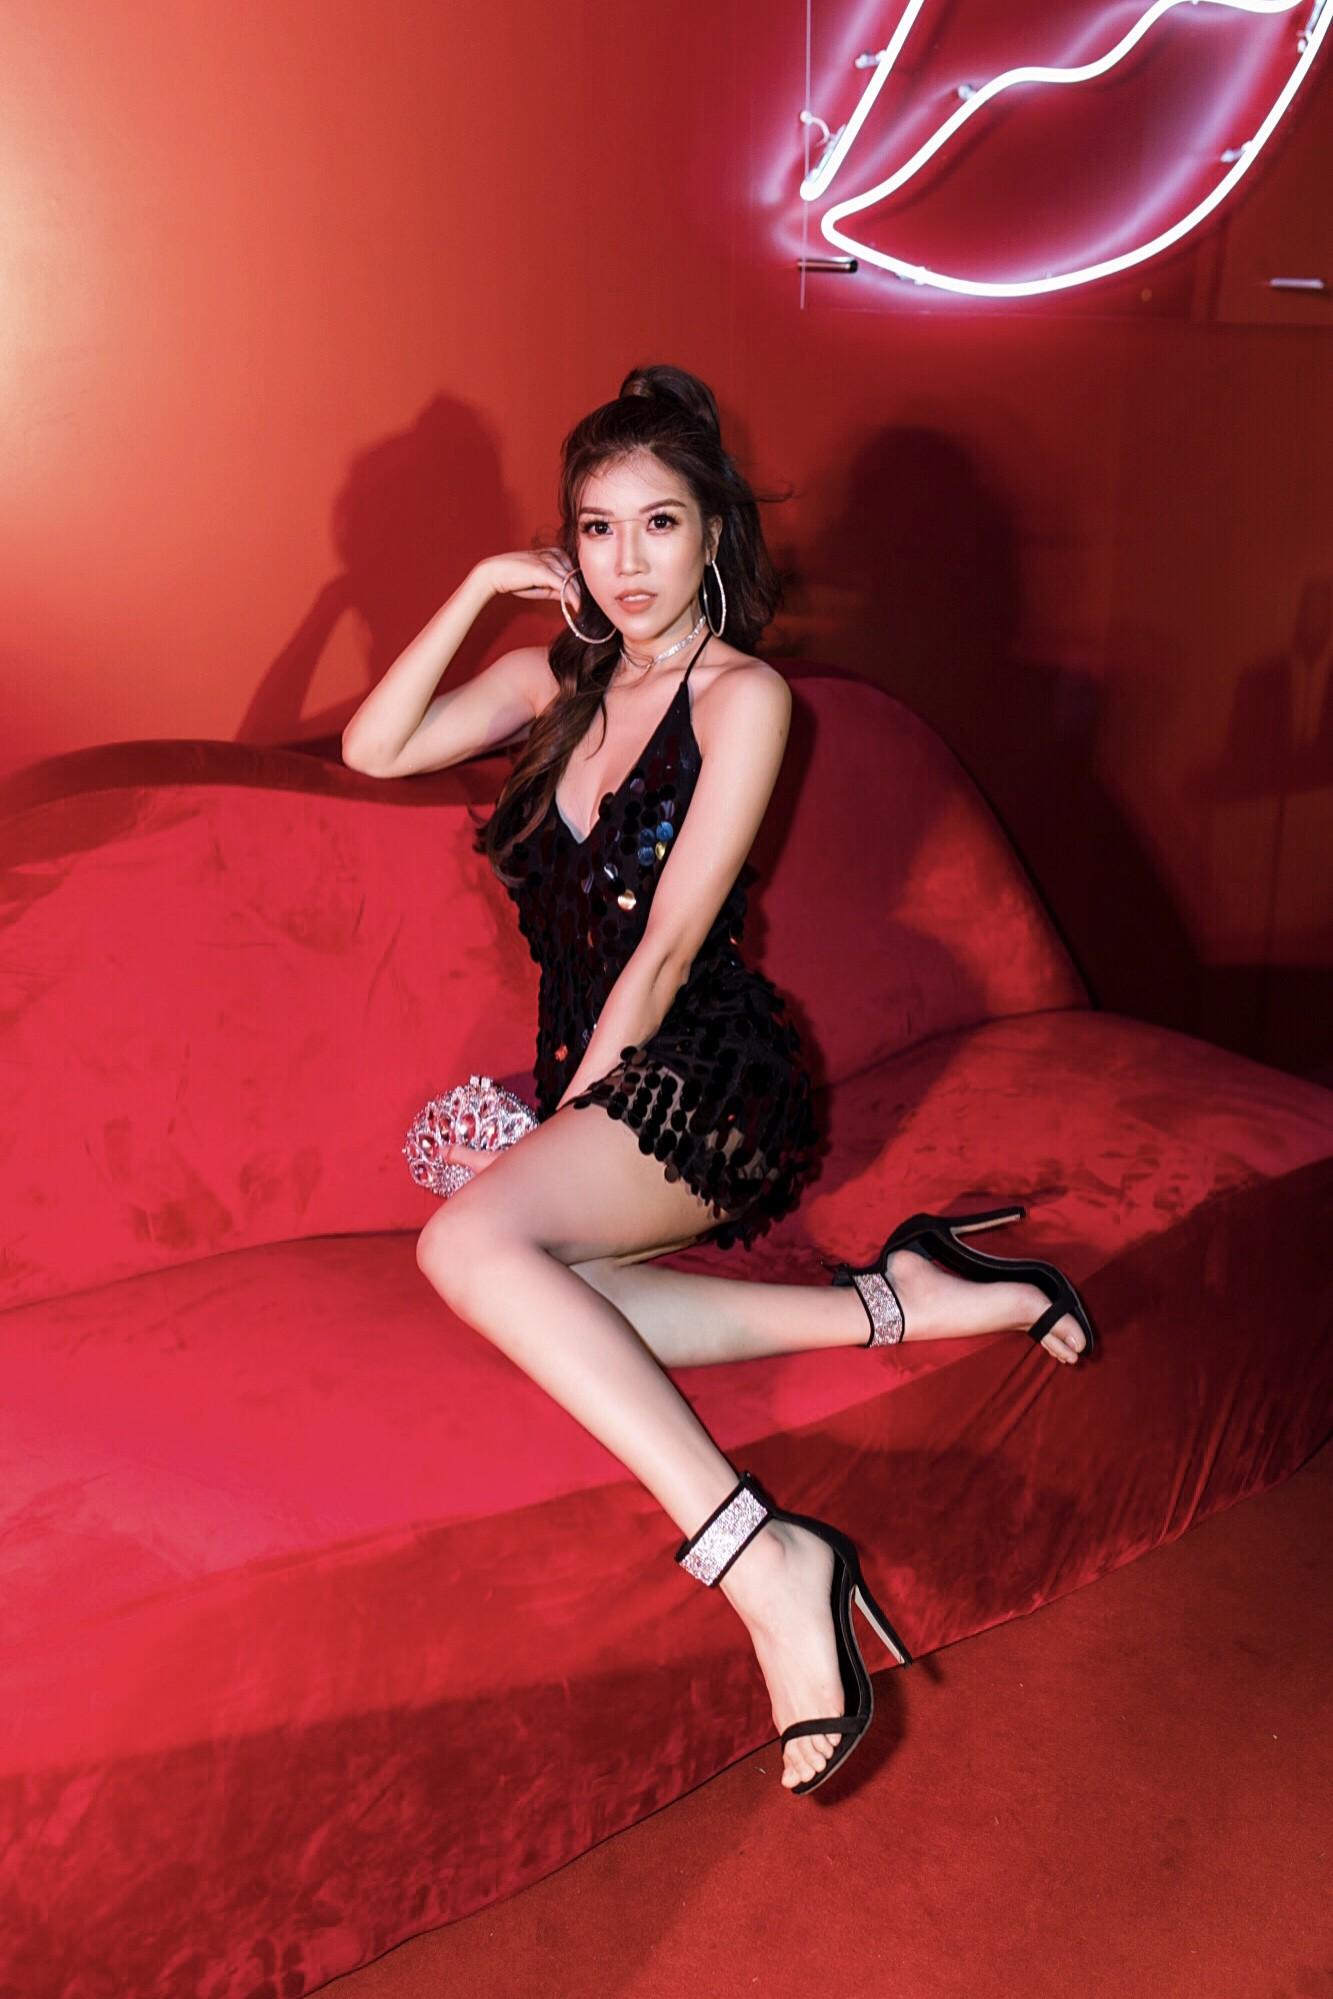 Sau nghi vấn chia tay Dương Khắc Linh, Trang Pháp khoe lưng trần nóng bỏng trong lần đầu tái xuất - Ảnh 2.